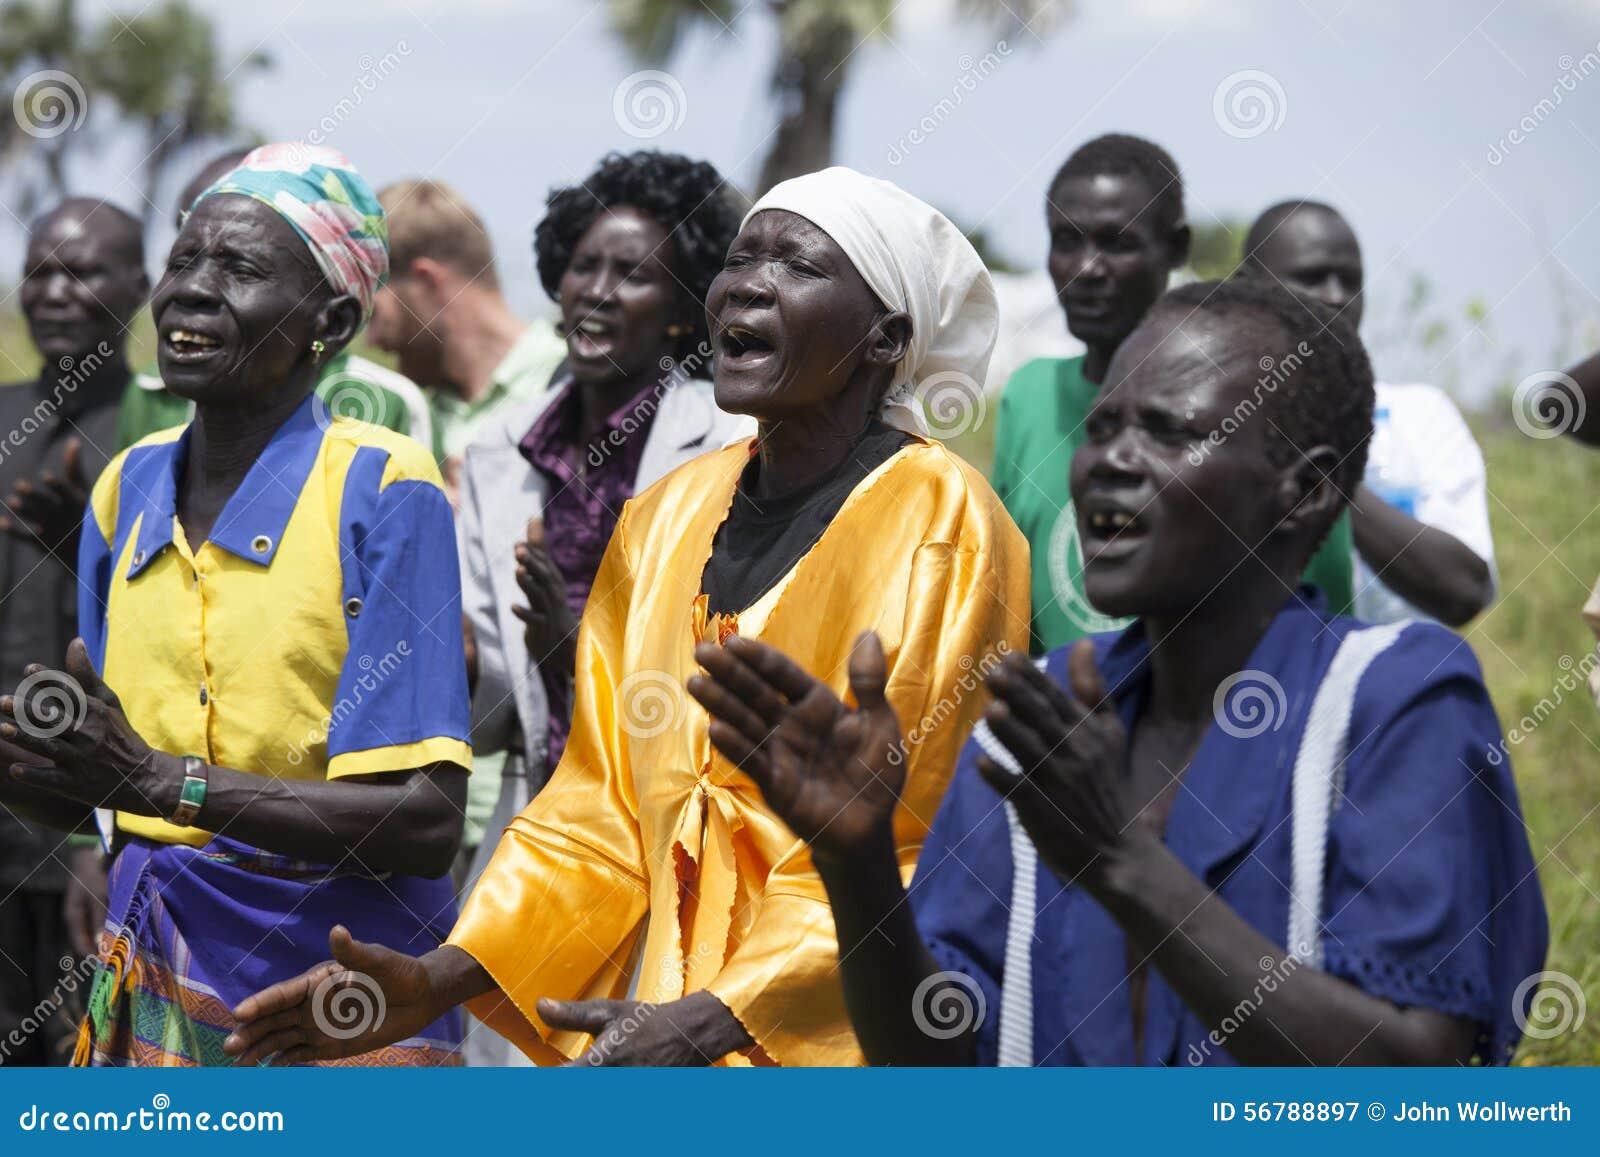 Χριστιανοί στο Νότιο Σουδάν